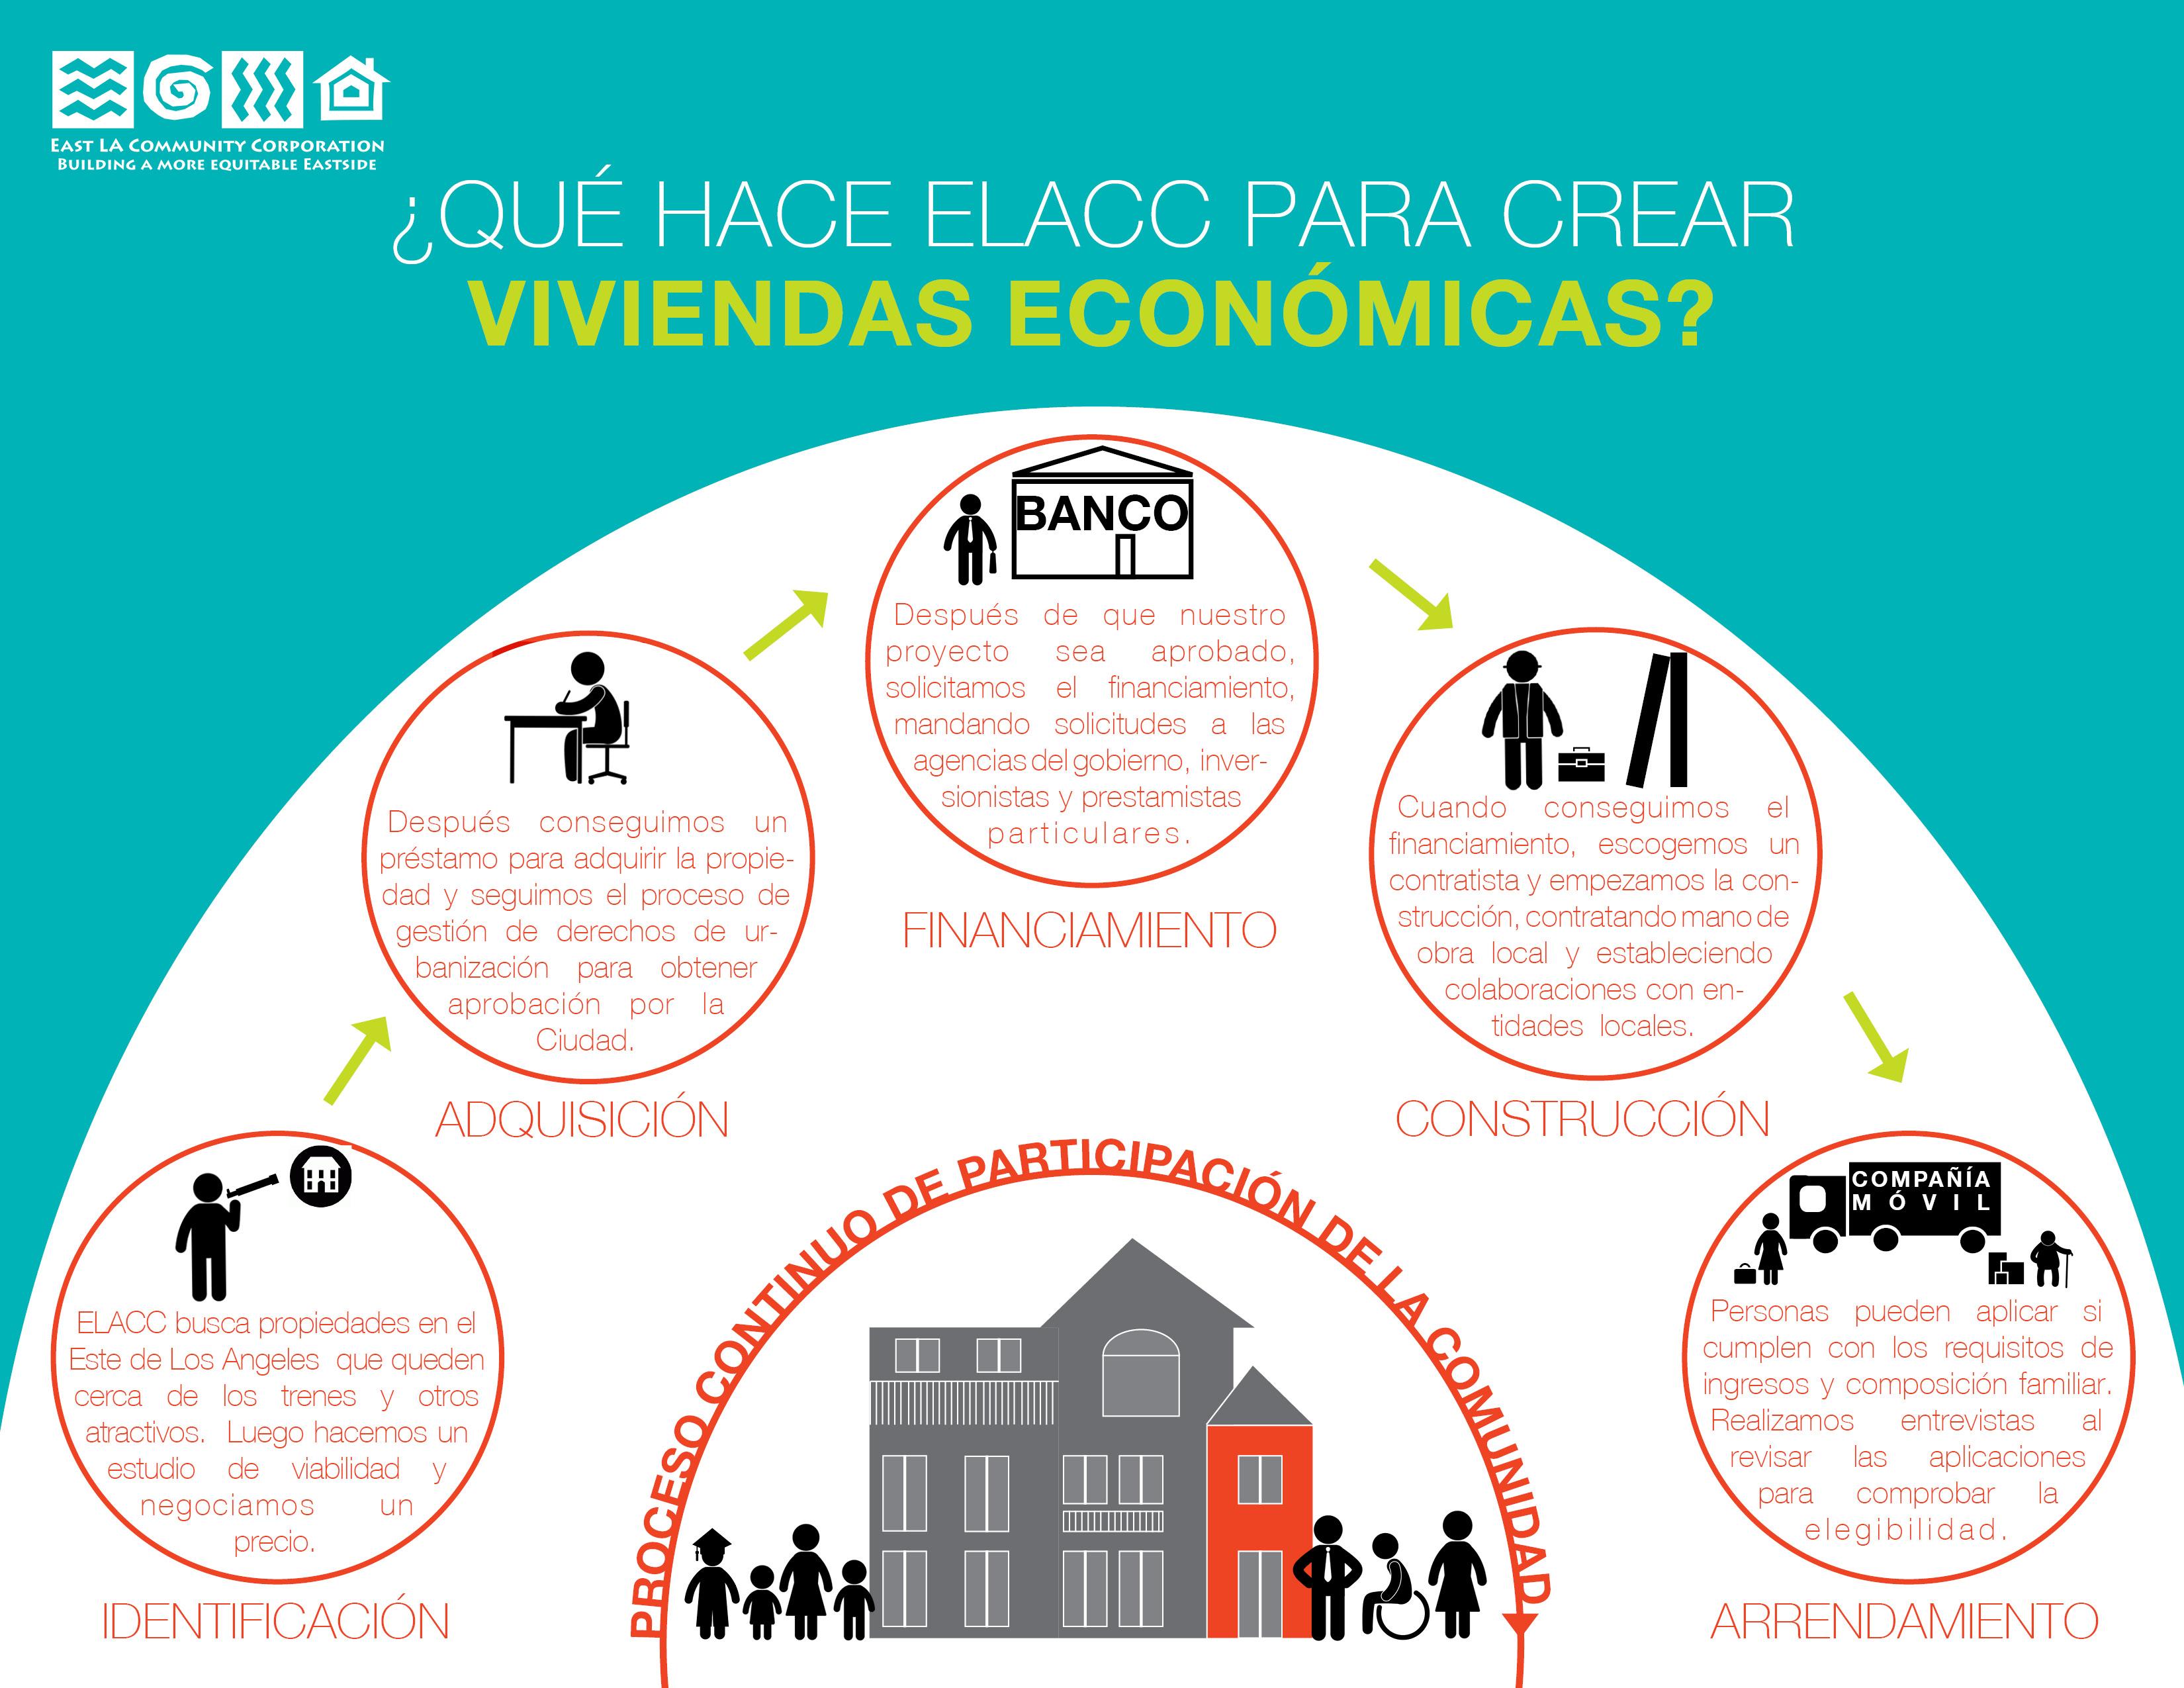 1_-_SPANISH_Housing_Gets_Built-_JPEG.jpg